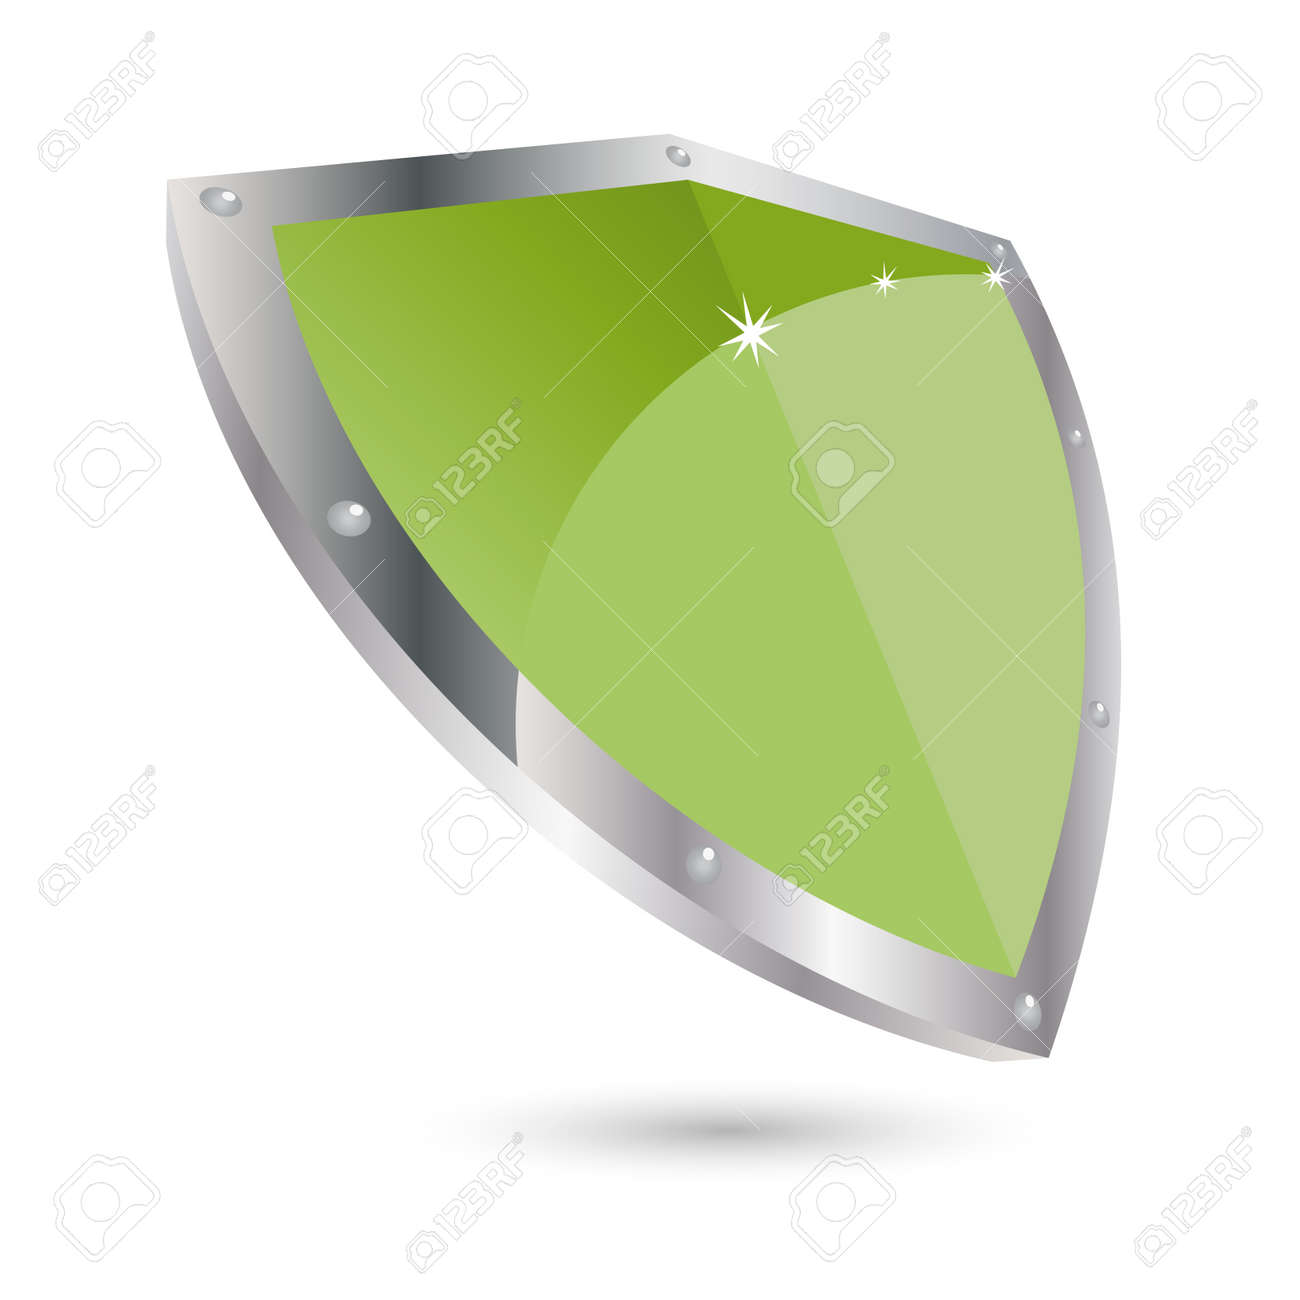 modern shield icon Stock Vector - 4473815